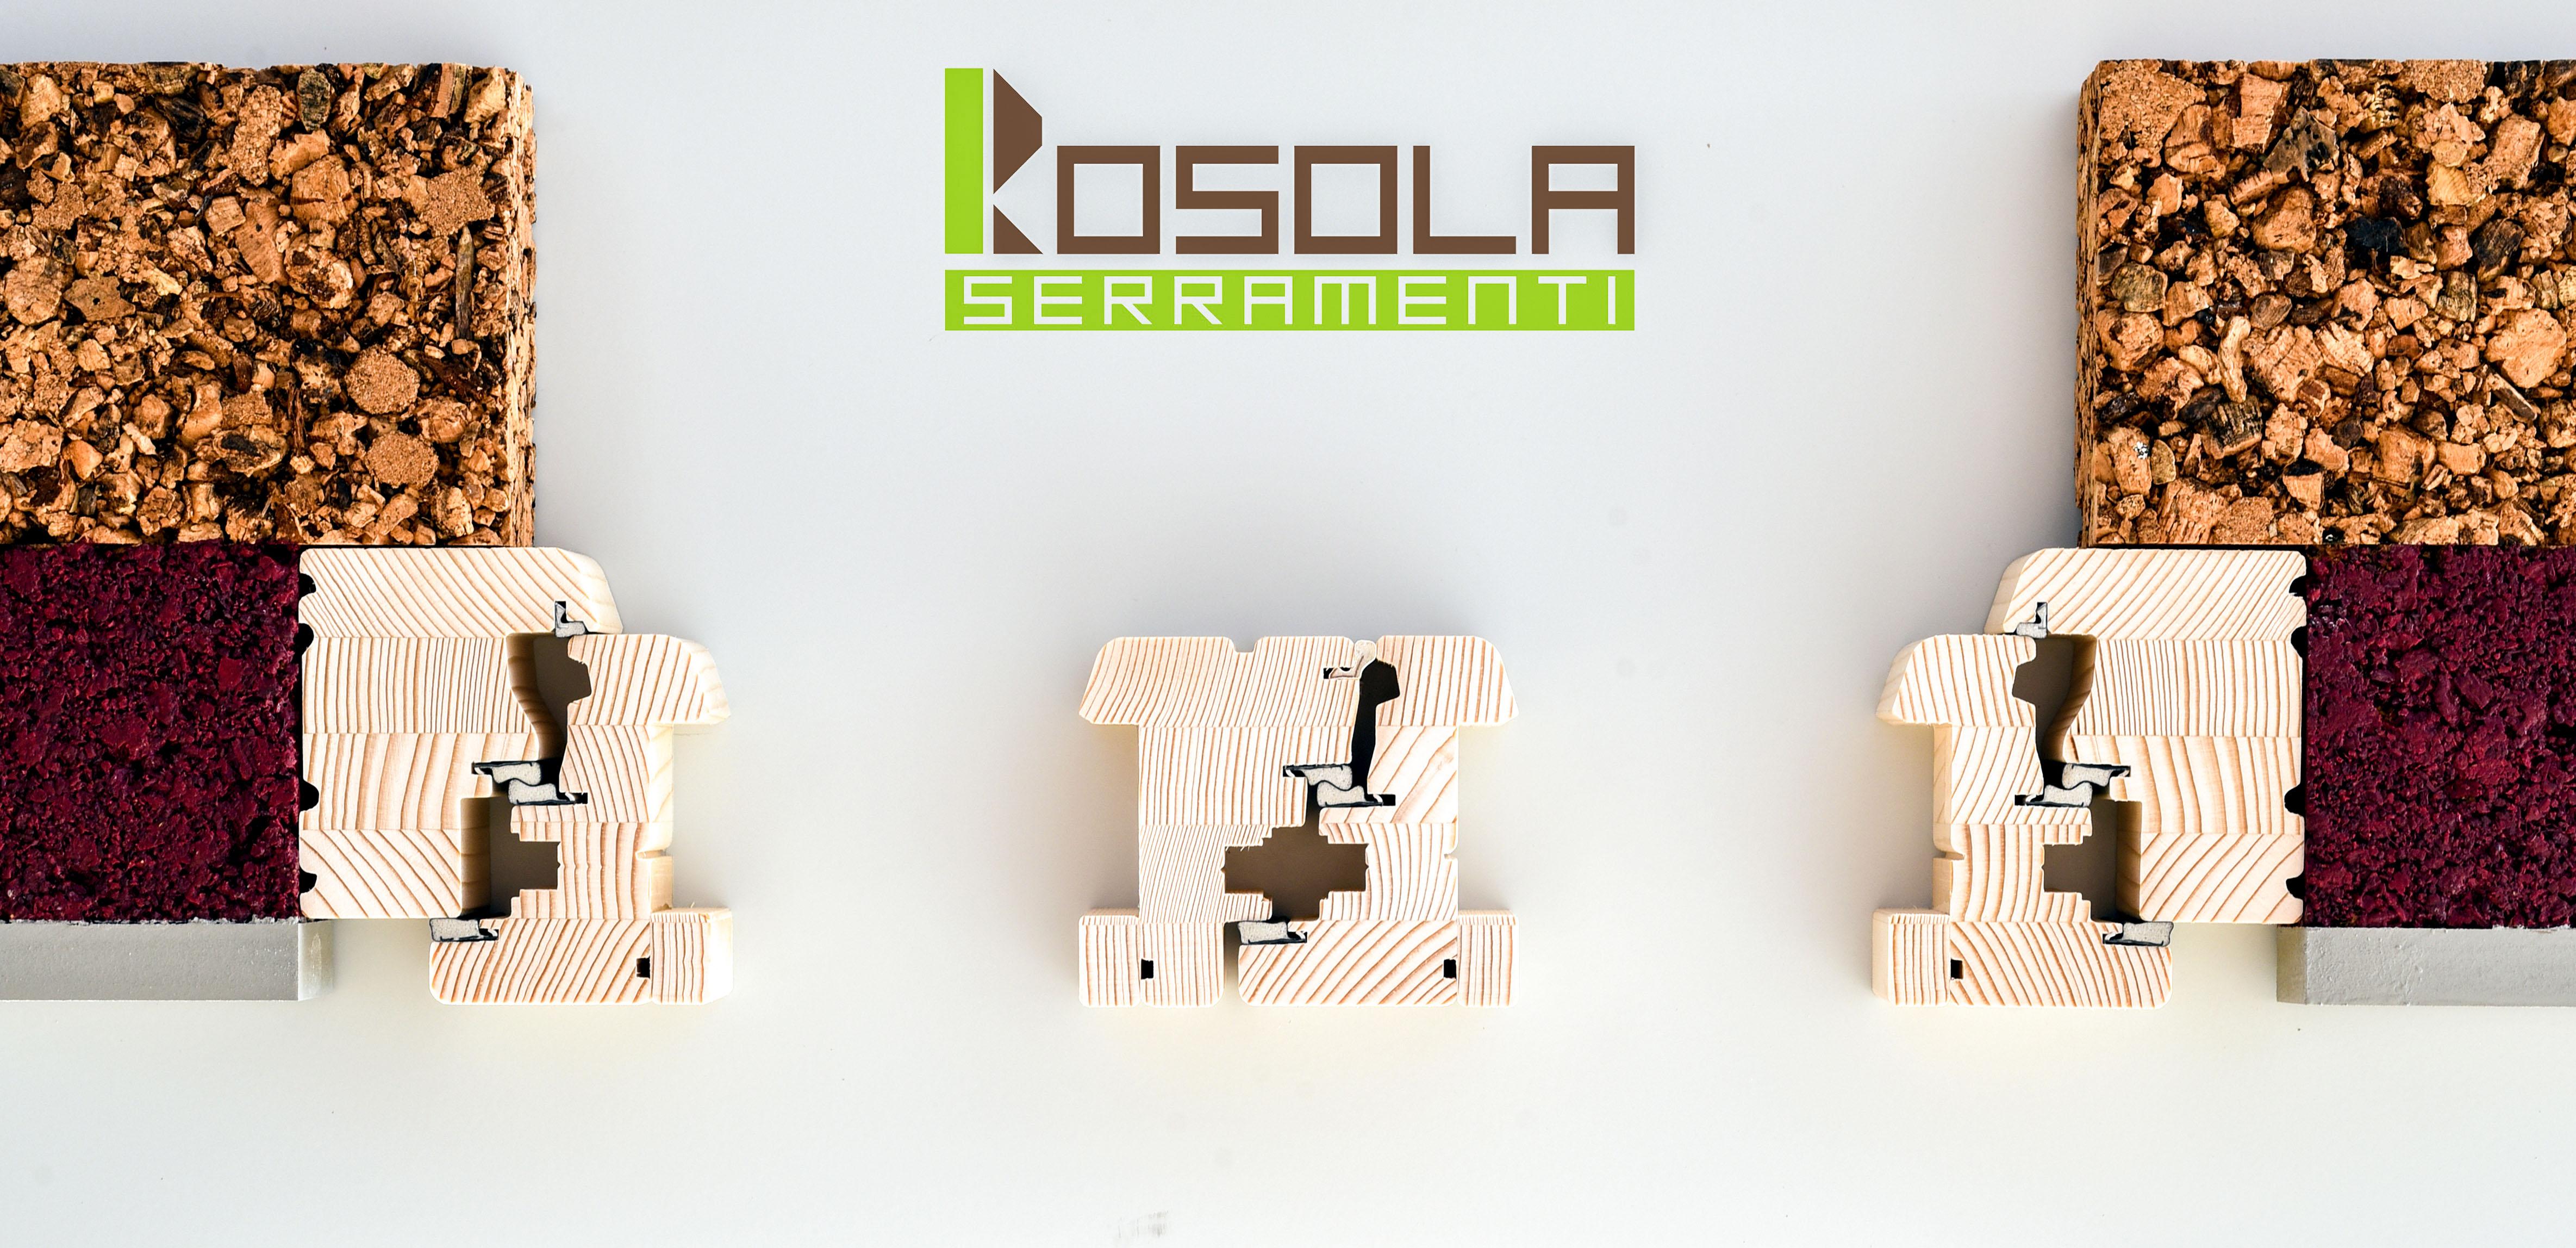 rosolaextreme92